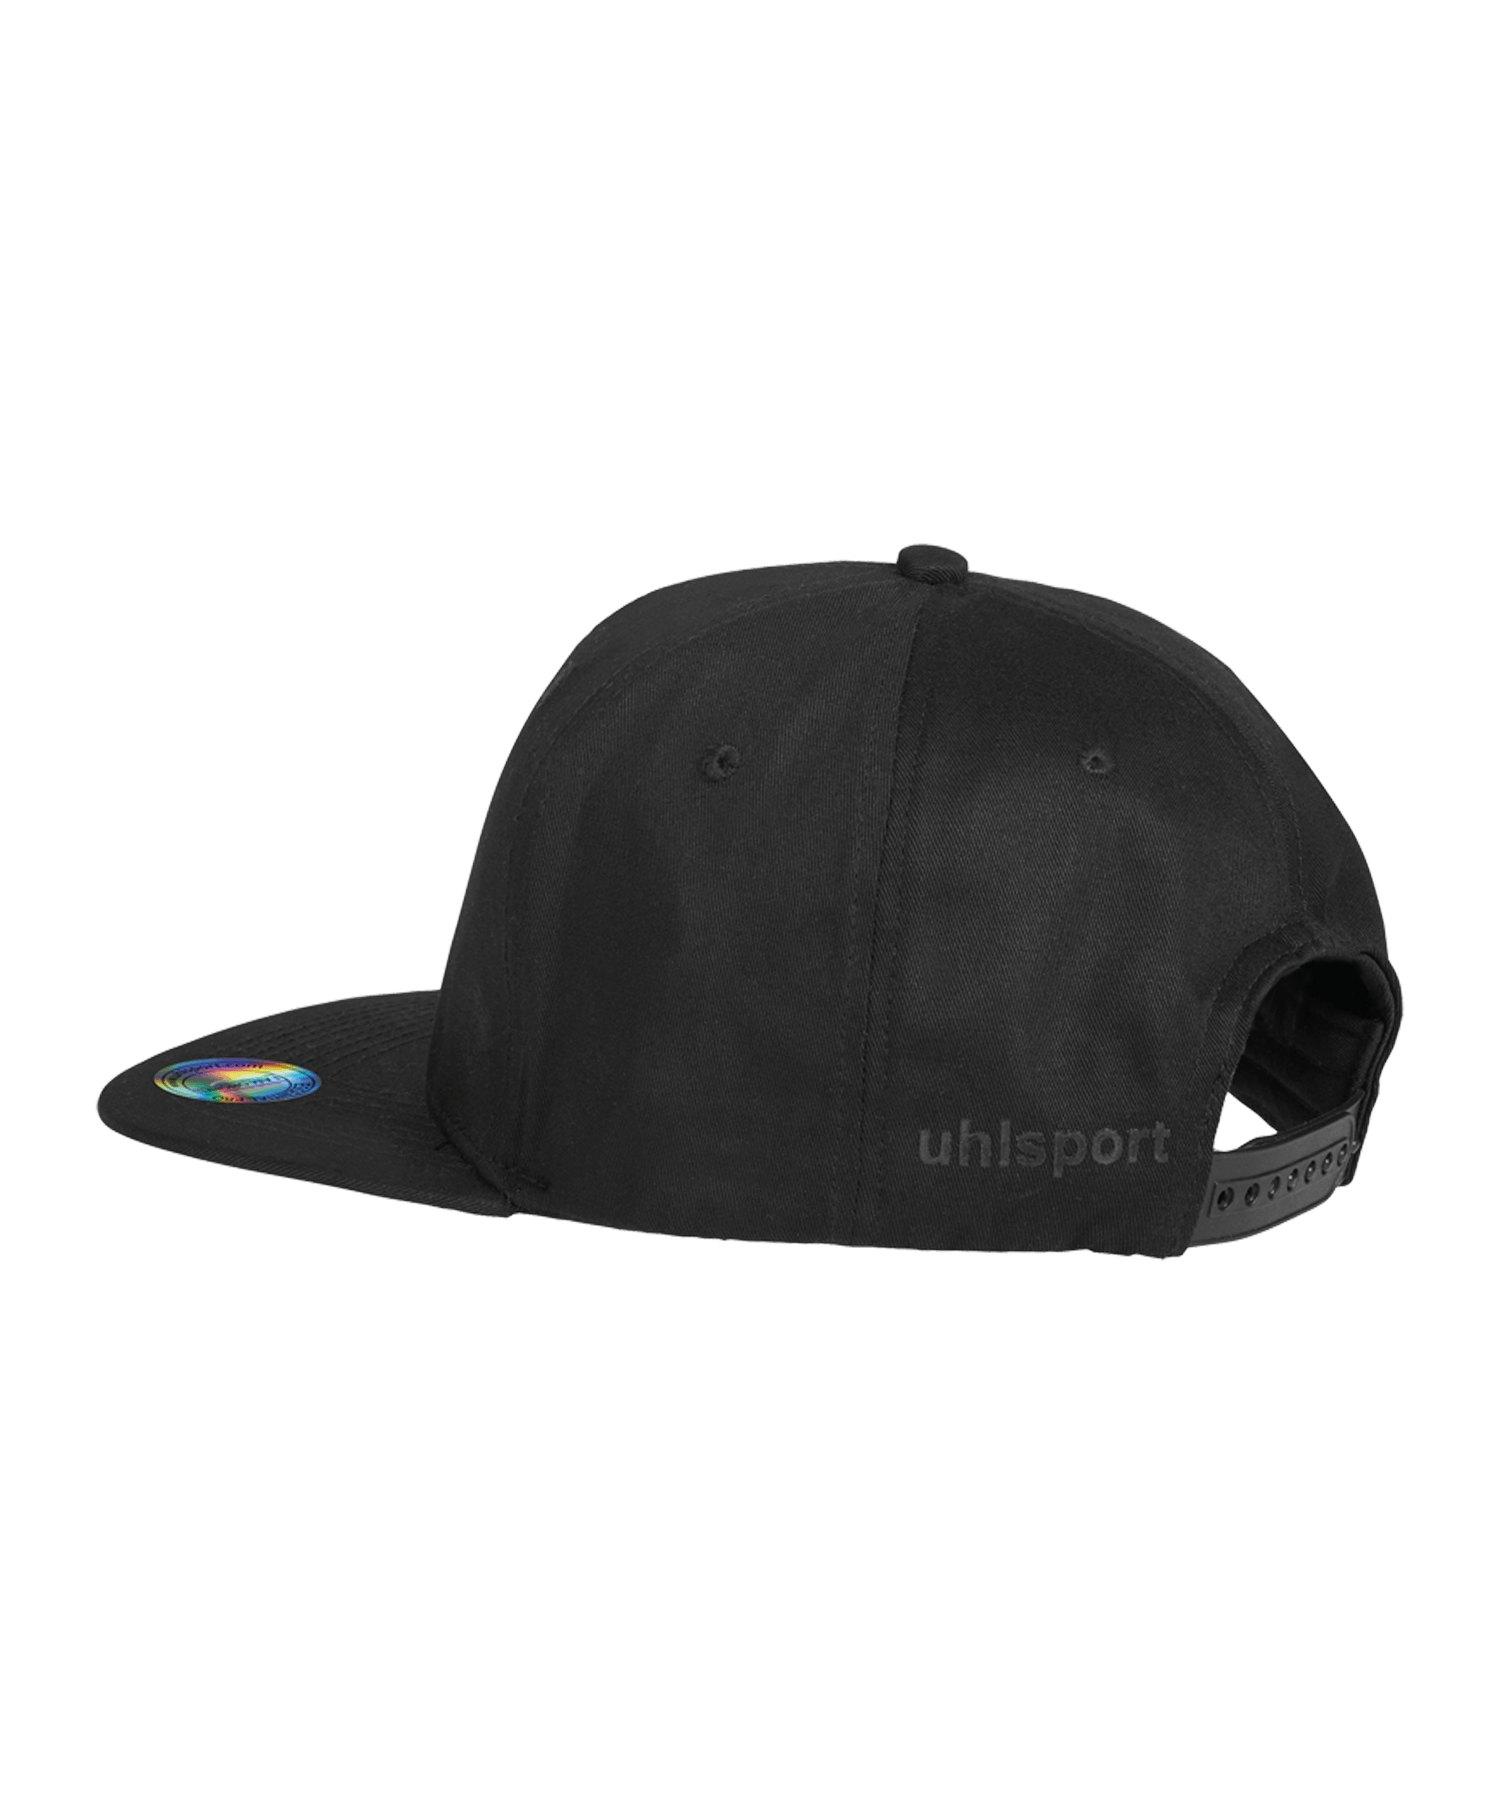 Uhlsport Essential Pro Base Cap Schwarz F01 - schwarz